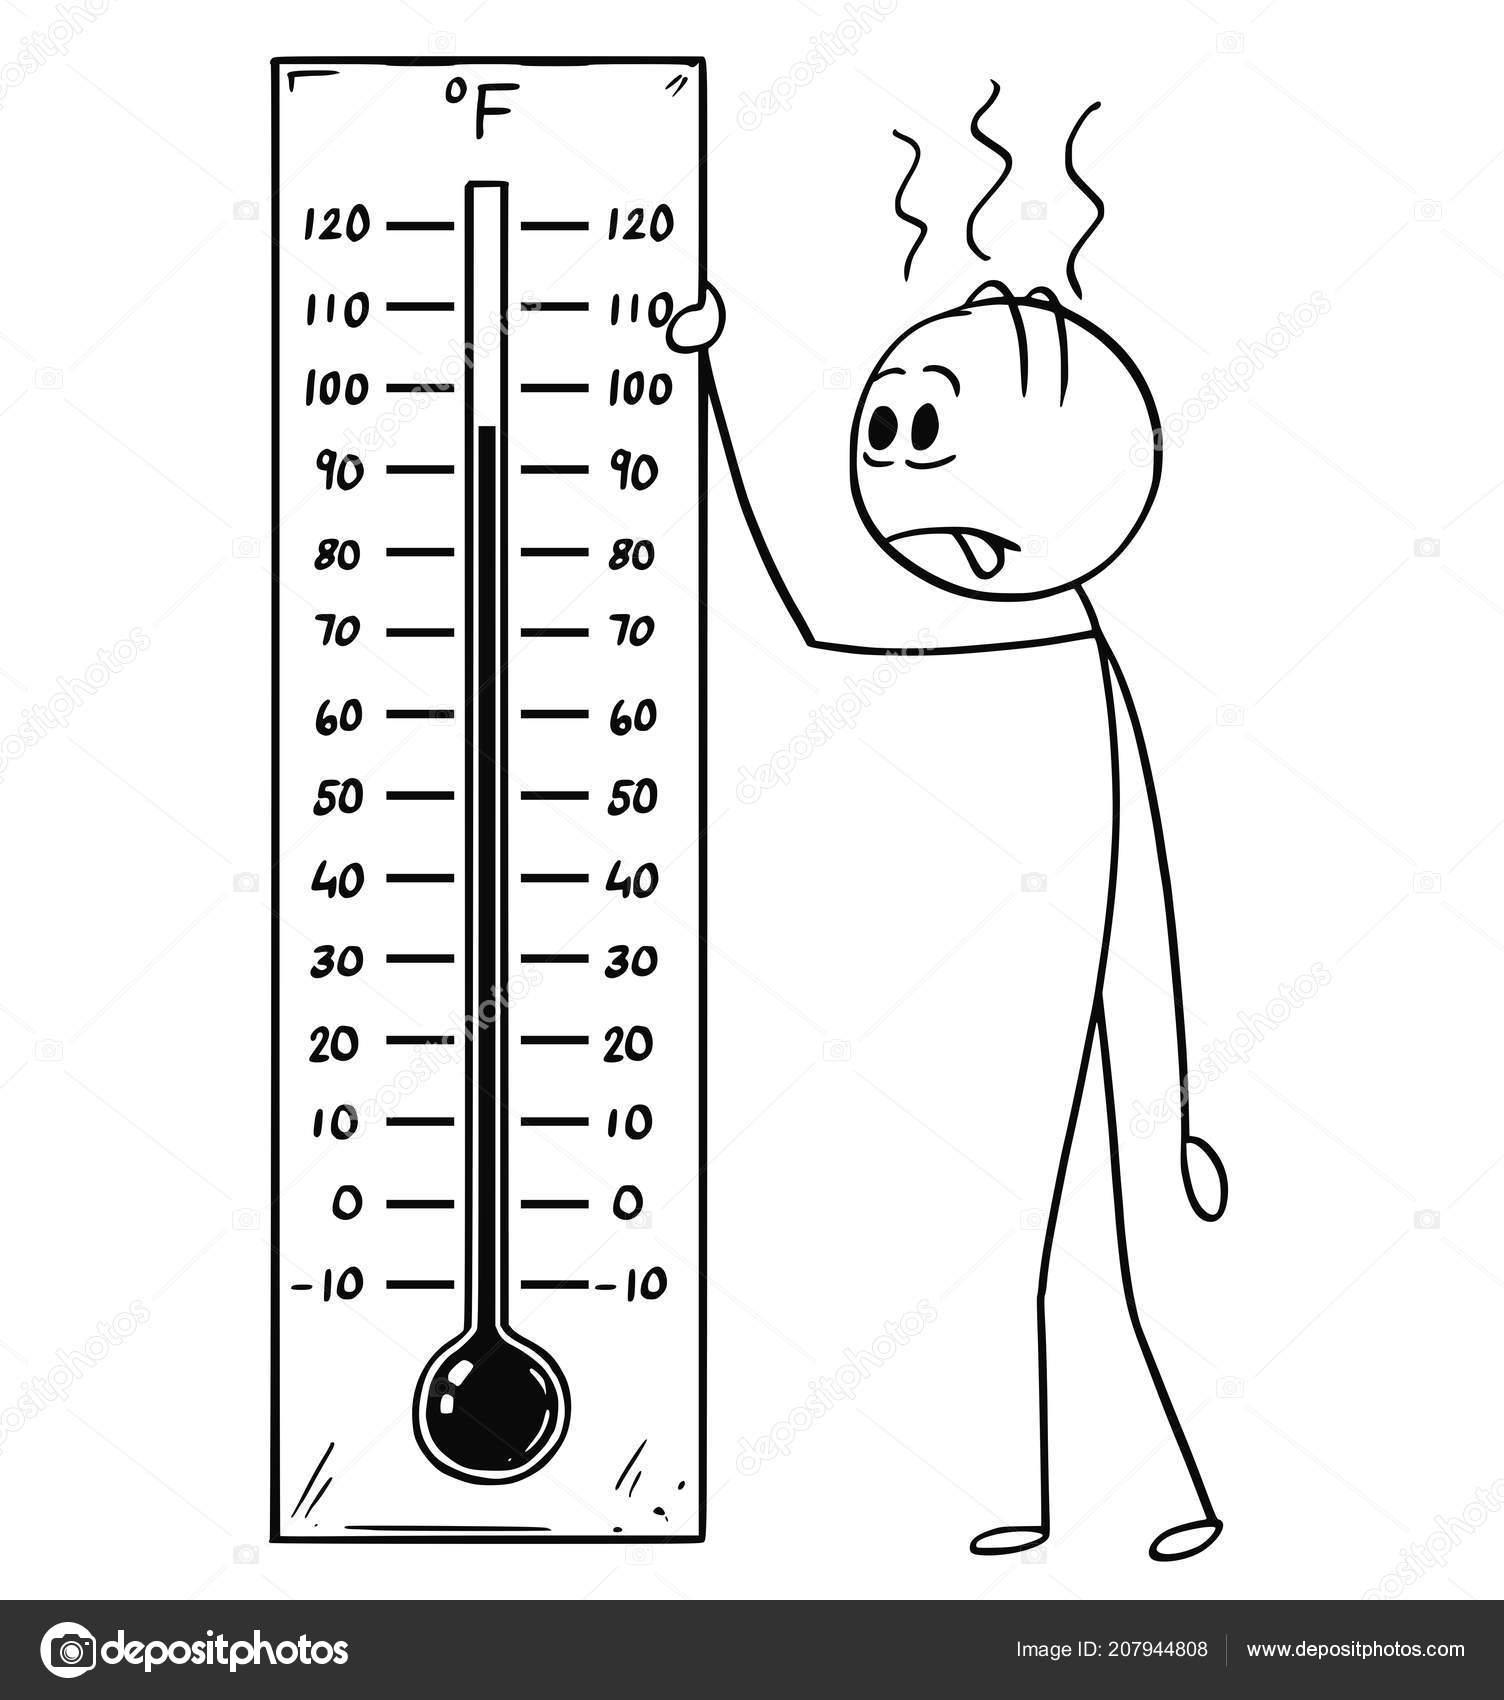 Desenho Animado Do Homem Segurando O Termometro Fahrenheit